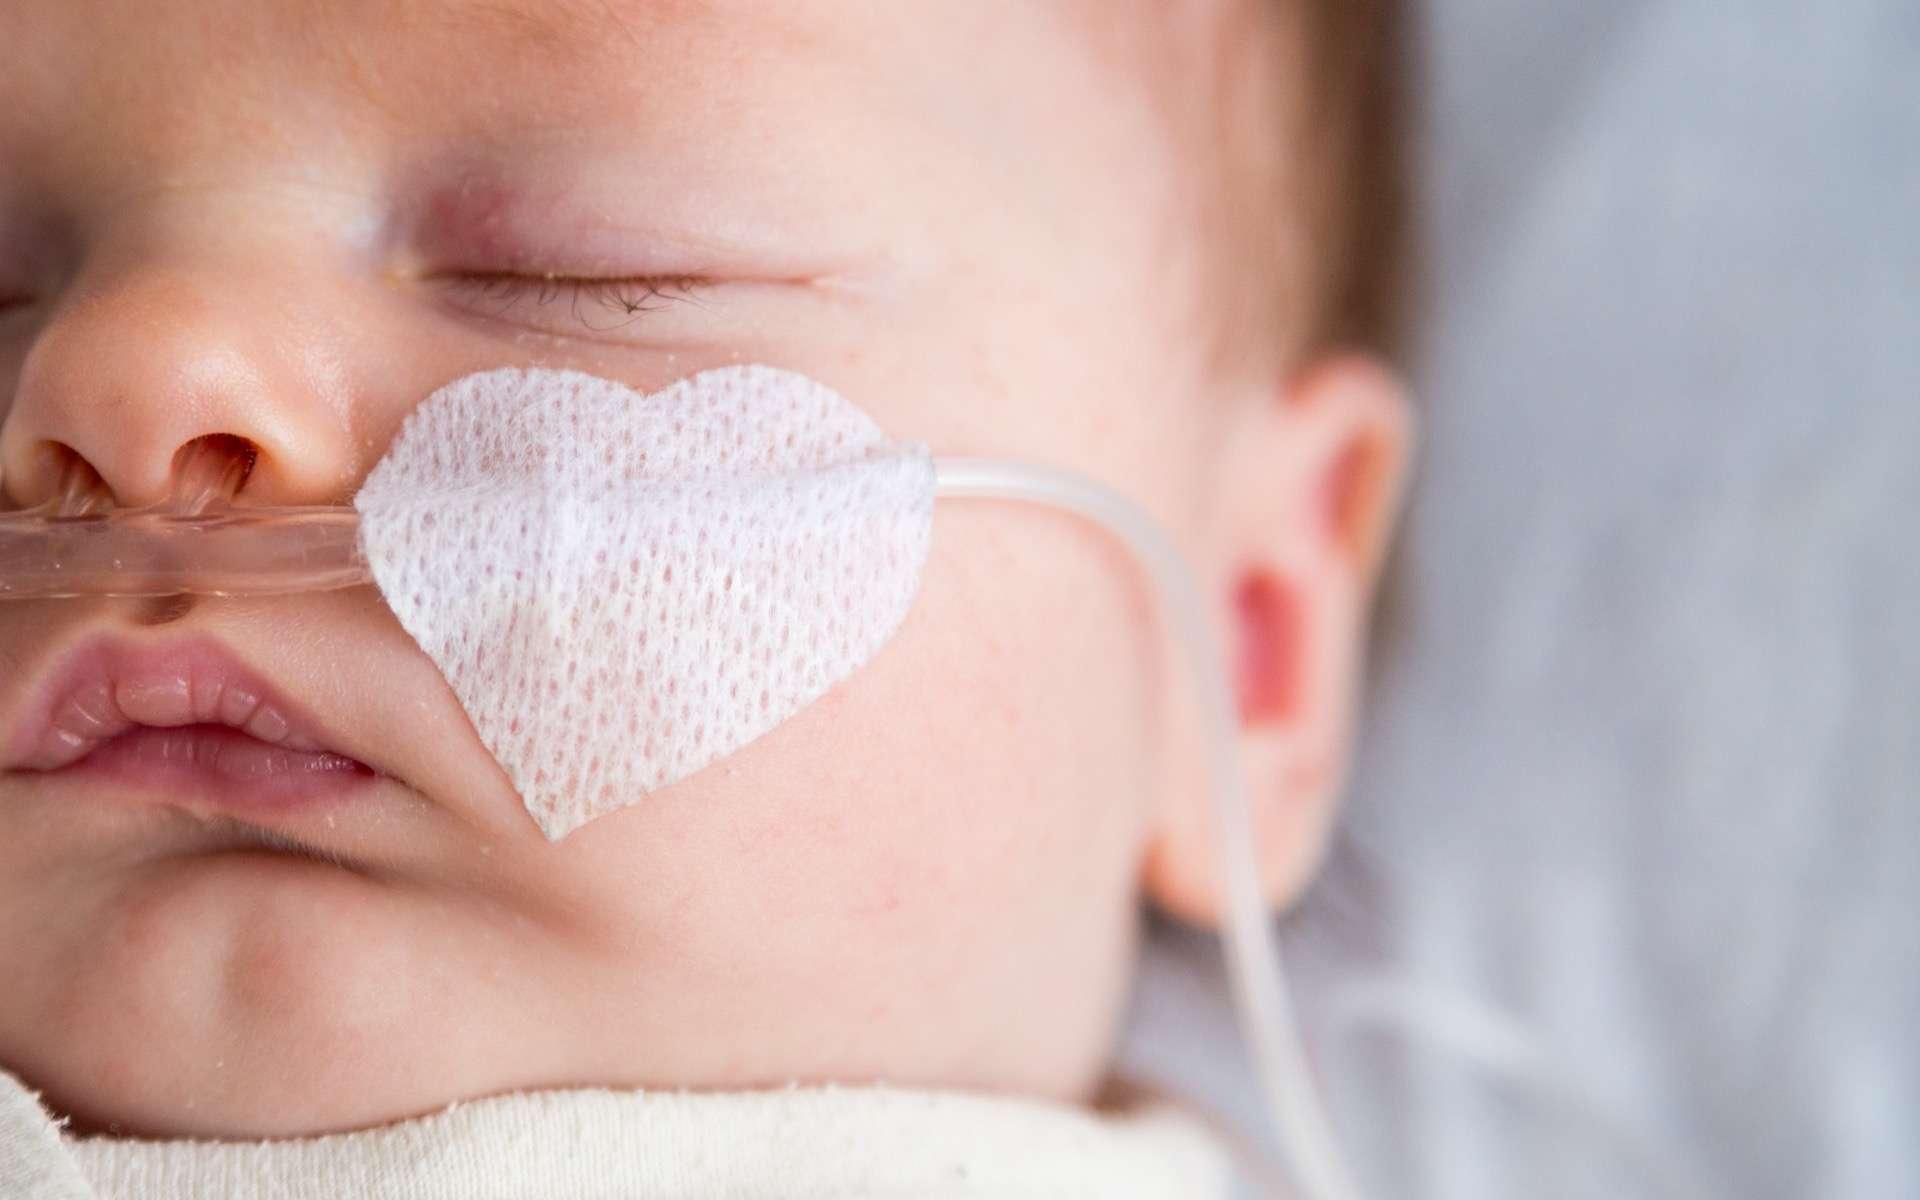 La bronchiolite est une affection virale. Attention à l'hygiène du biberon. © Lavizzara, Adobe Stock